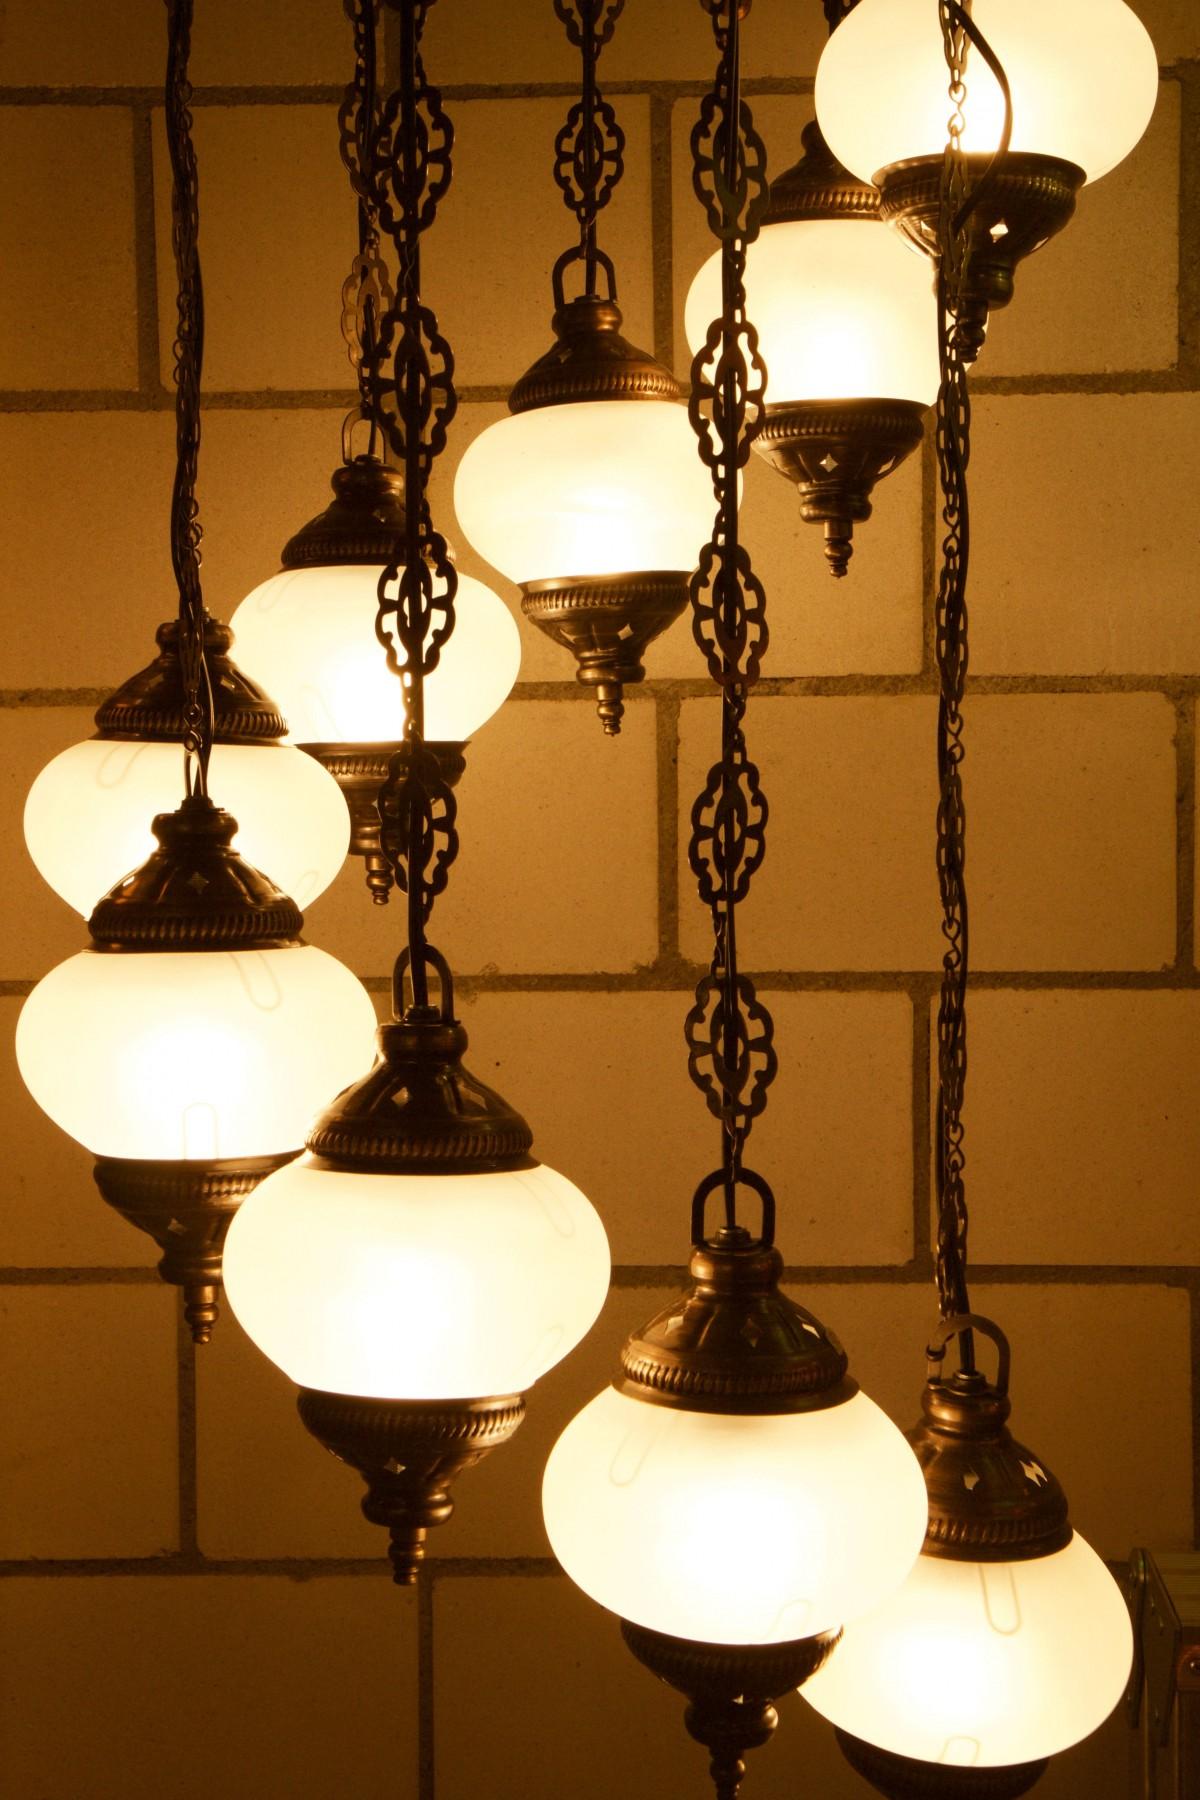 gratis afbeeldingen licht bloem ballon rood kleur lamp kerstmis verlichting speelgoed. Black Bedroom Furniture Sets. Home Design Ideas